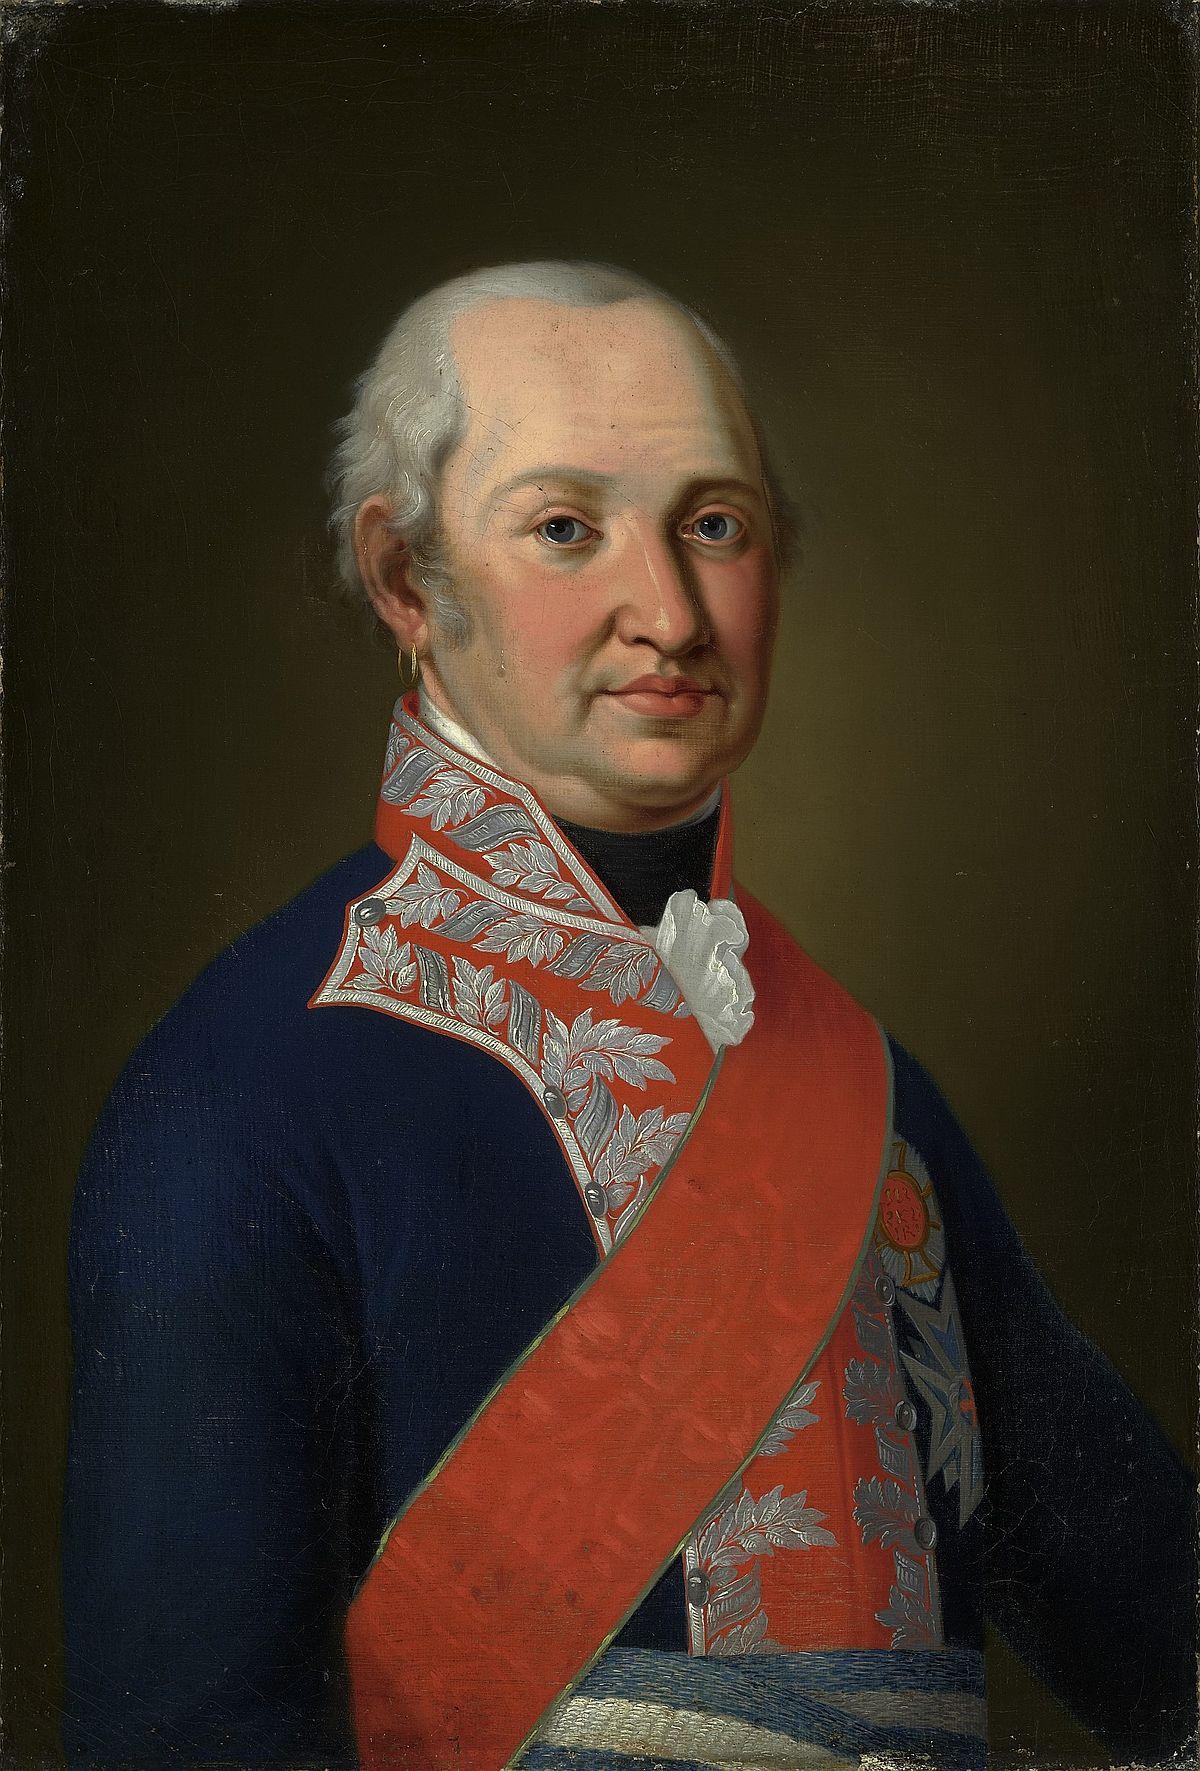 Hornöck Maximilian I von Bayern um 1810.jpg